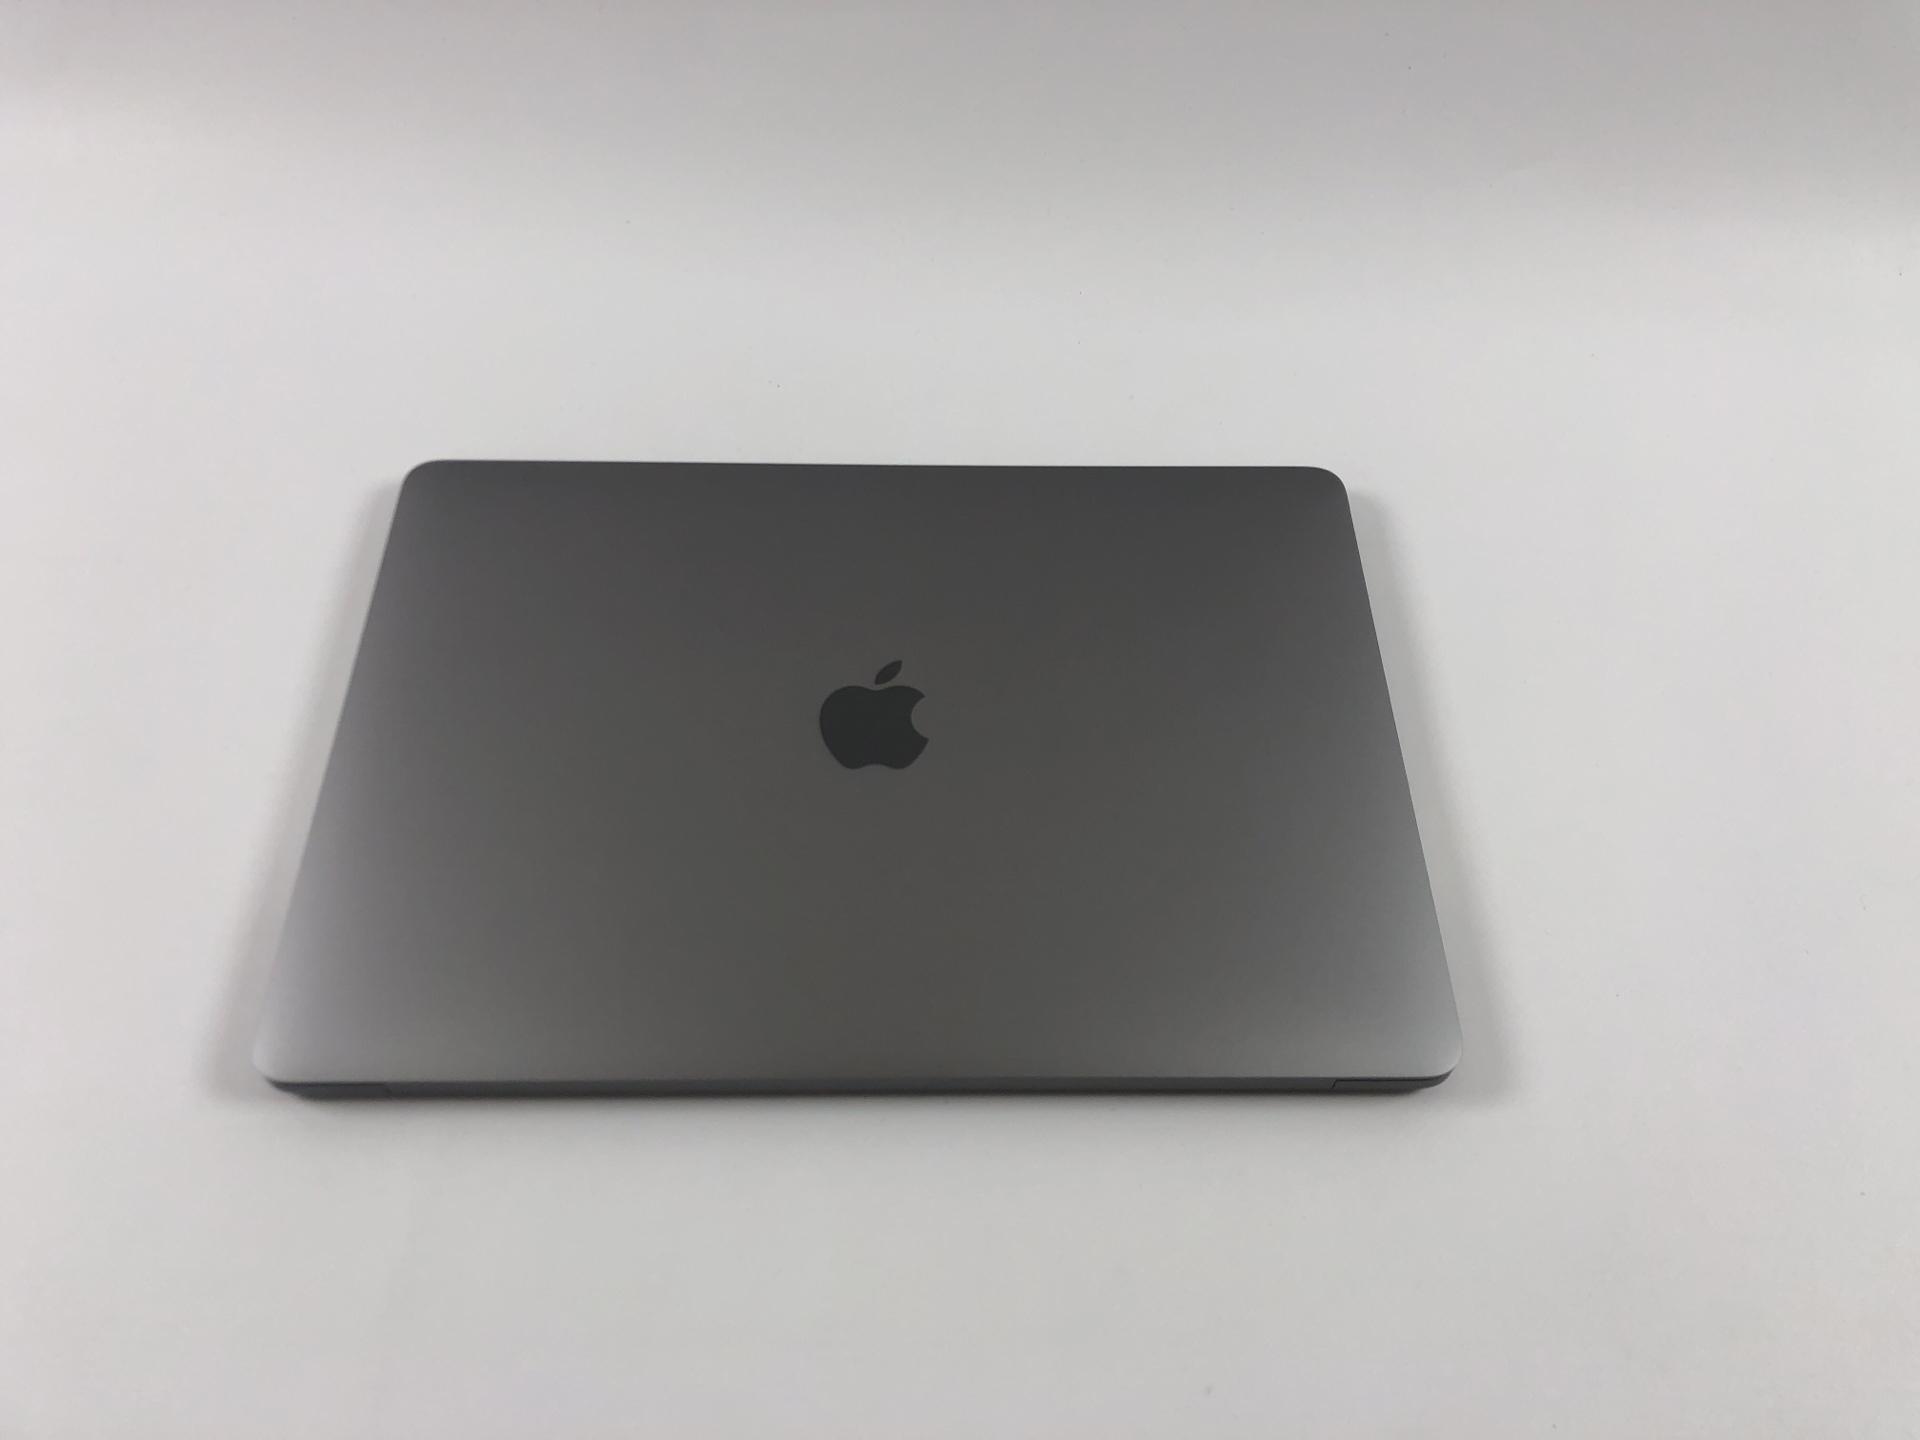 """MacBook Pro 13"""" 4TBT Mid 2018 (Intel Quad-Core i5 2.3 GHz 16 GB RAM 256 GB SSD), Space Gray, Intel Quad-Core i5 2.3 GHz, 16 GB RAM, 256 GB SSD, bild 2"""